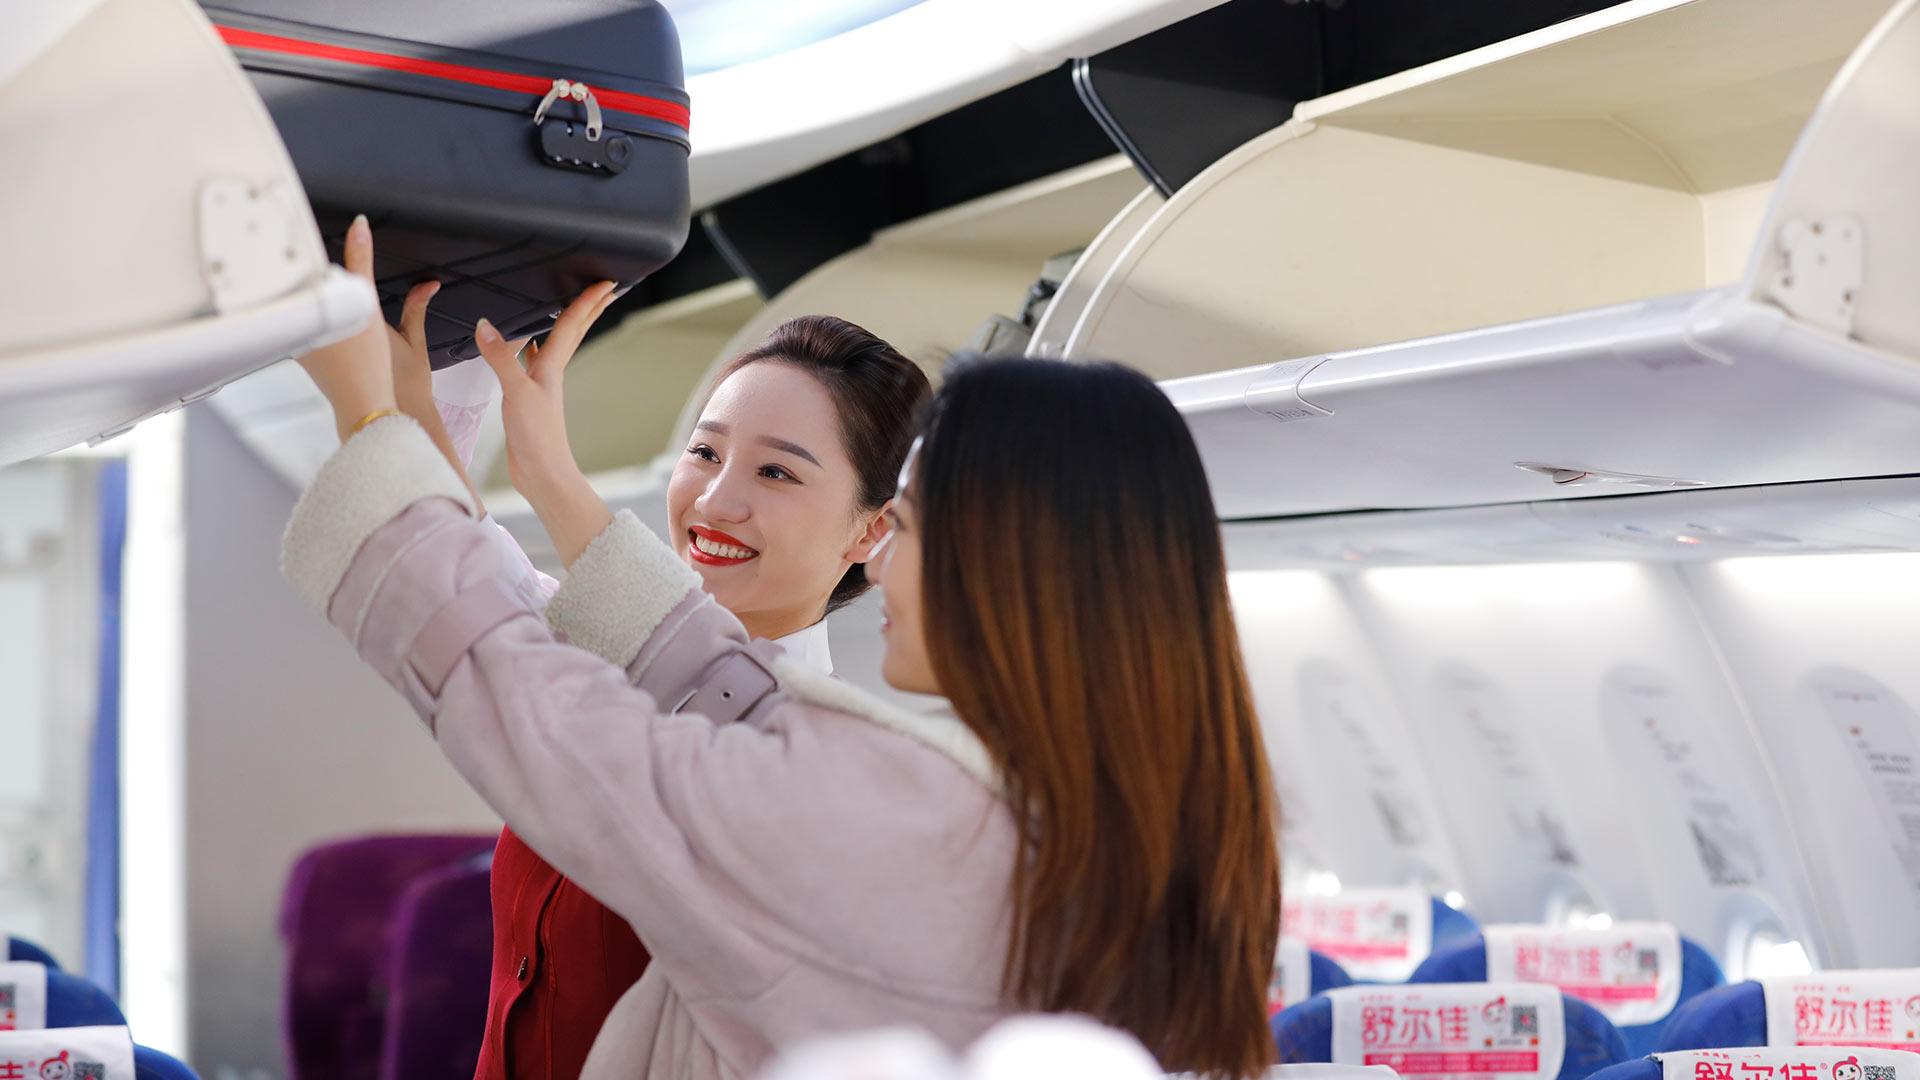 专注航空、聚焦高端、精准营销、航空出行生态专业营销服务